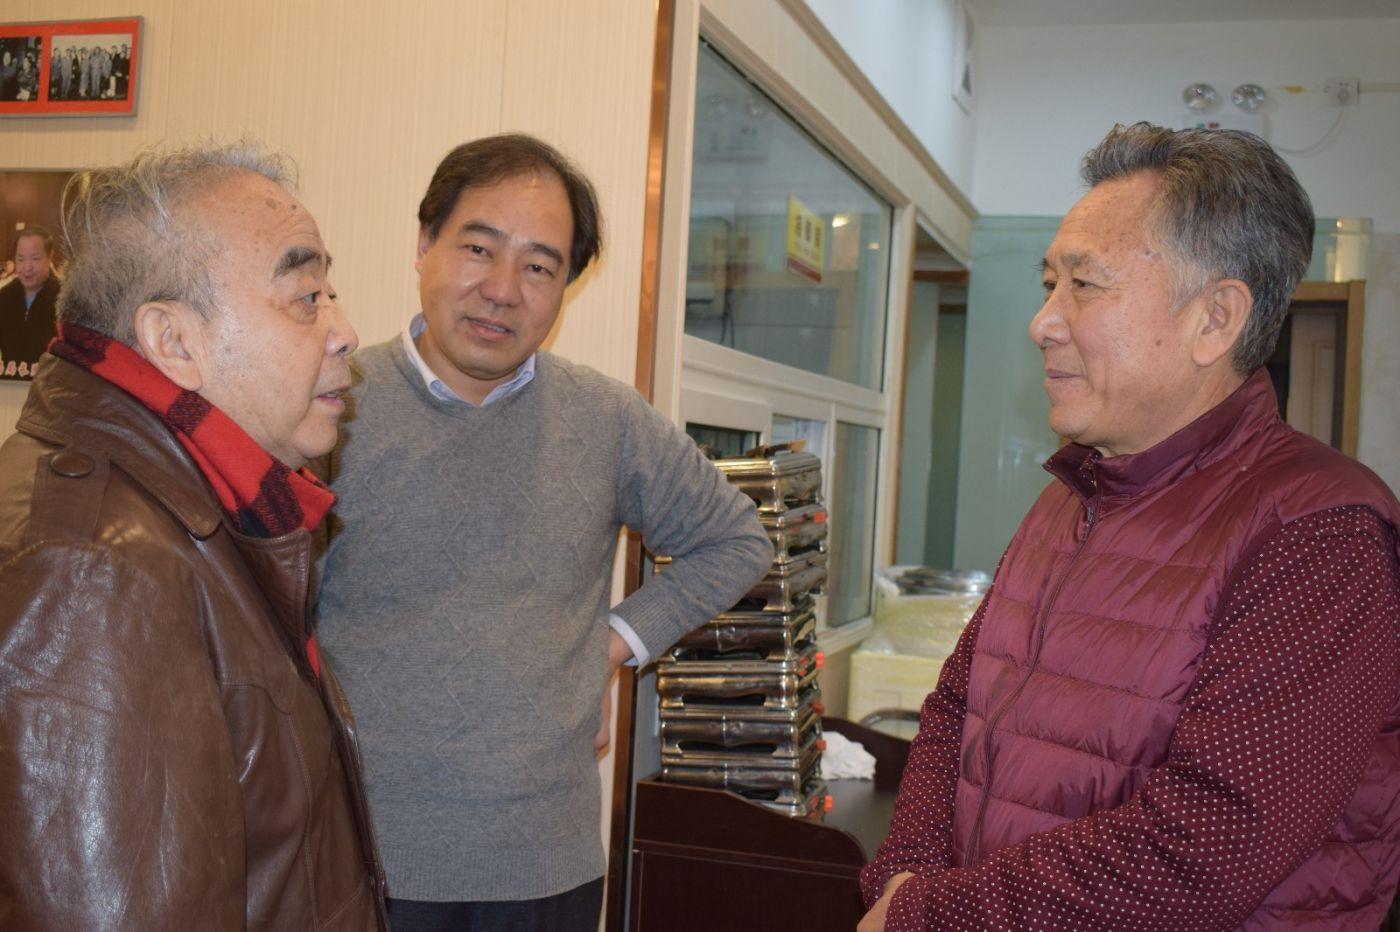 纪念毛泽东诞辰125周年《甲骨文毛泽东诗词集》  出版发布会在京举办 ... ... ..._图1-8